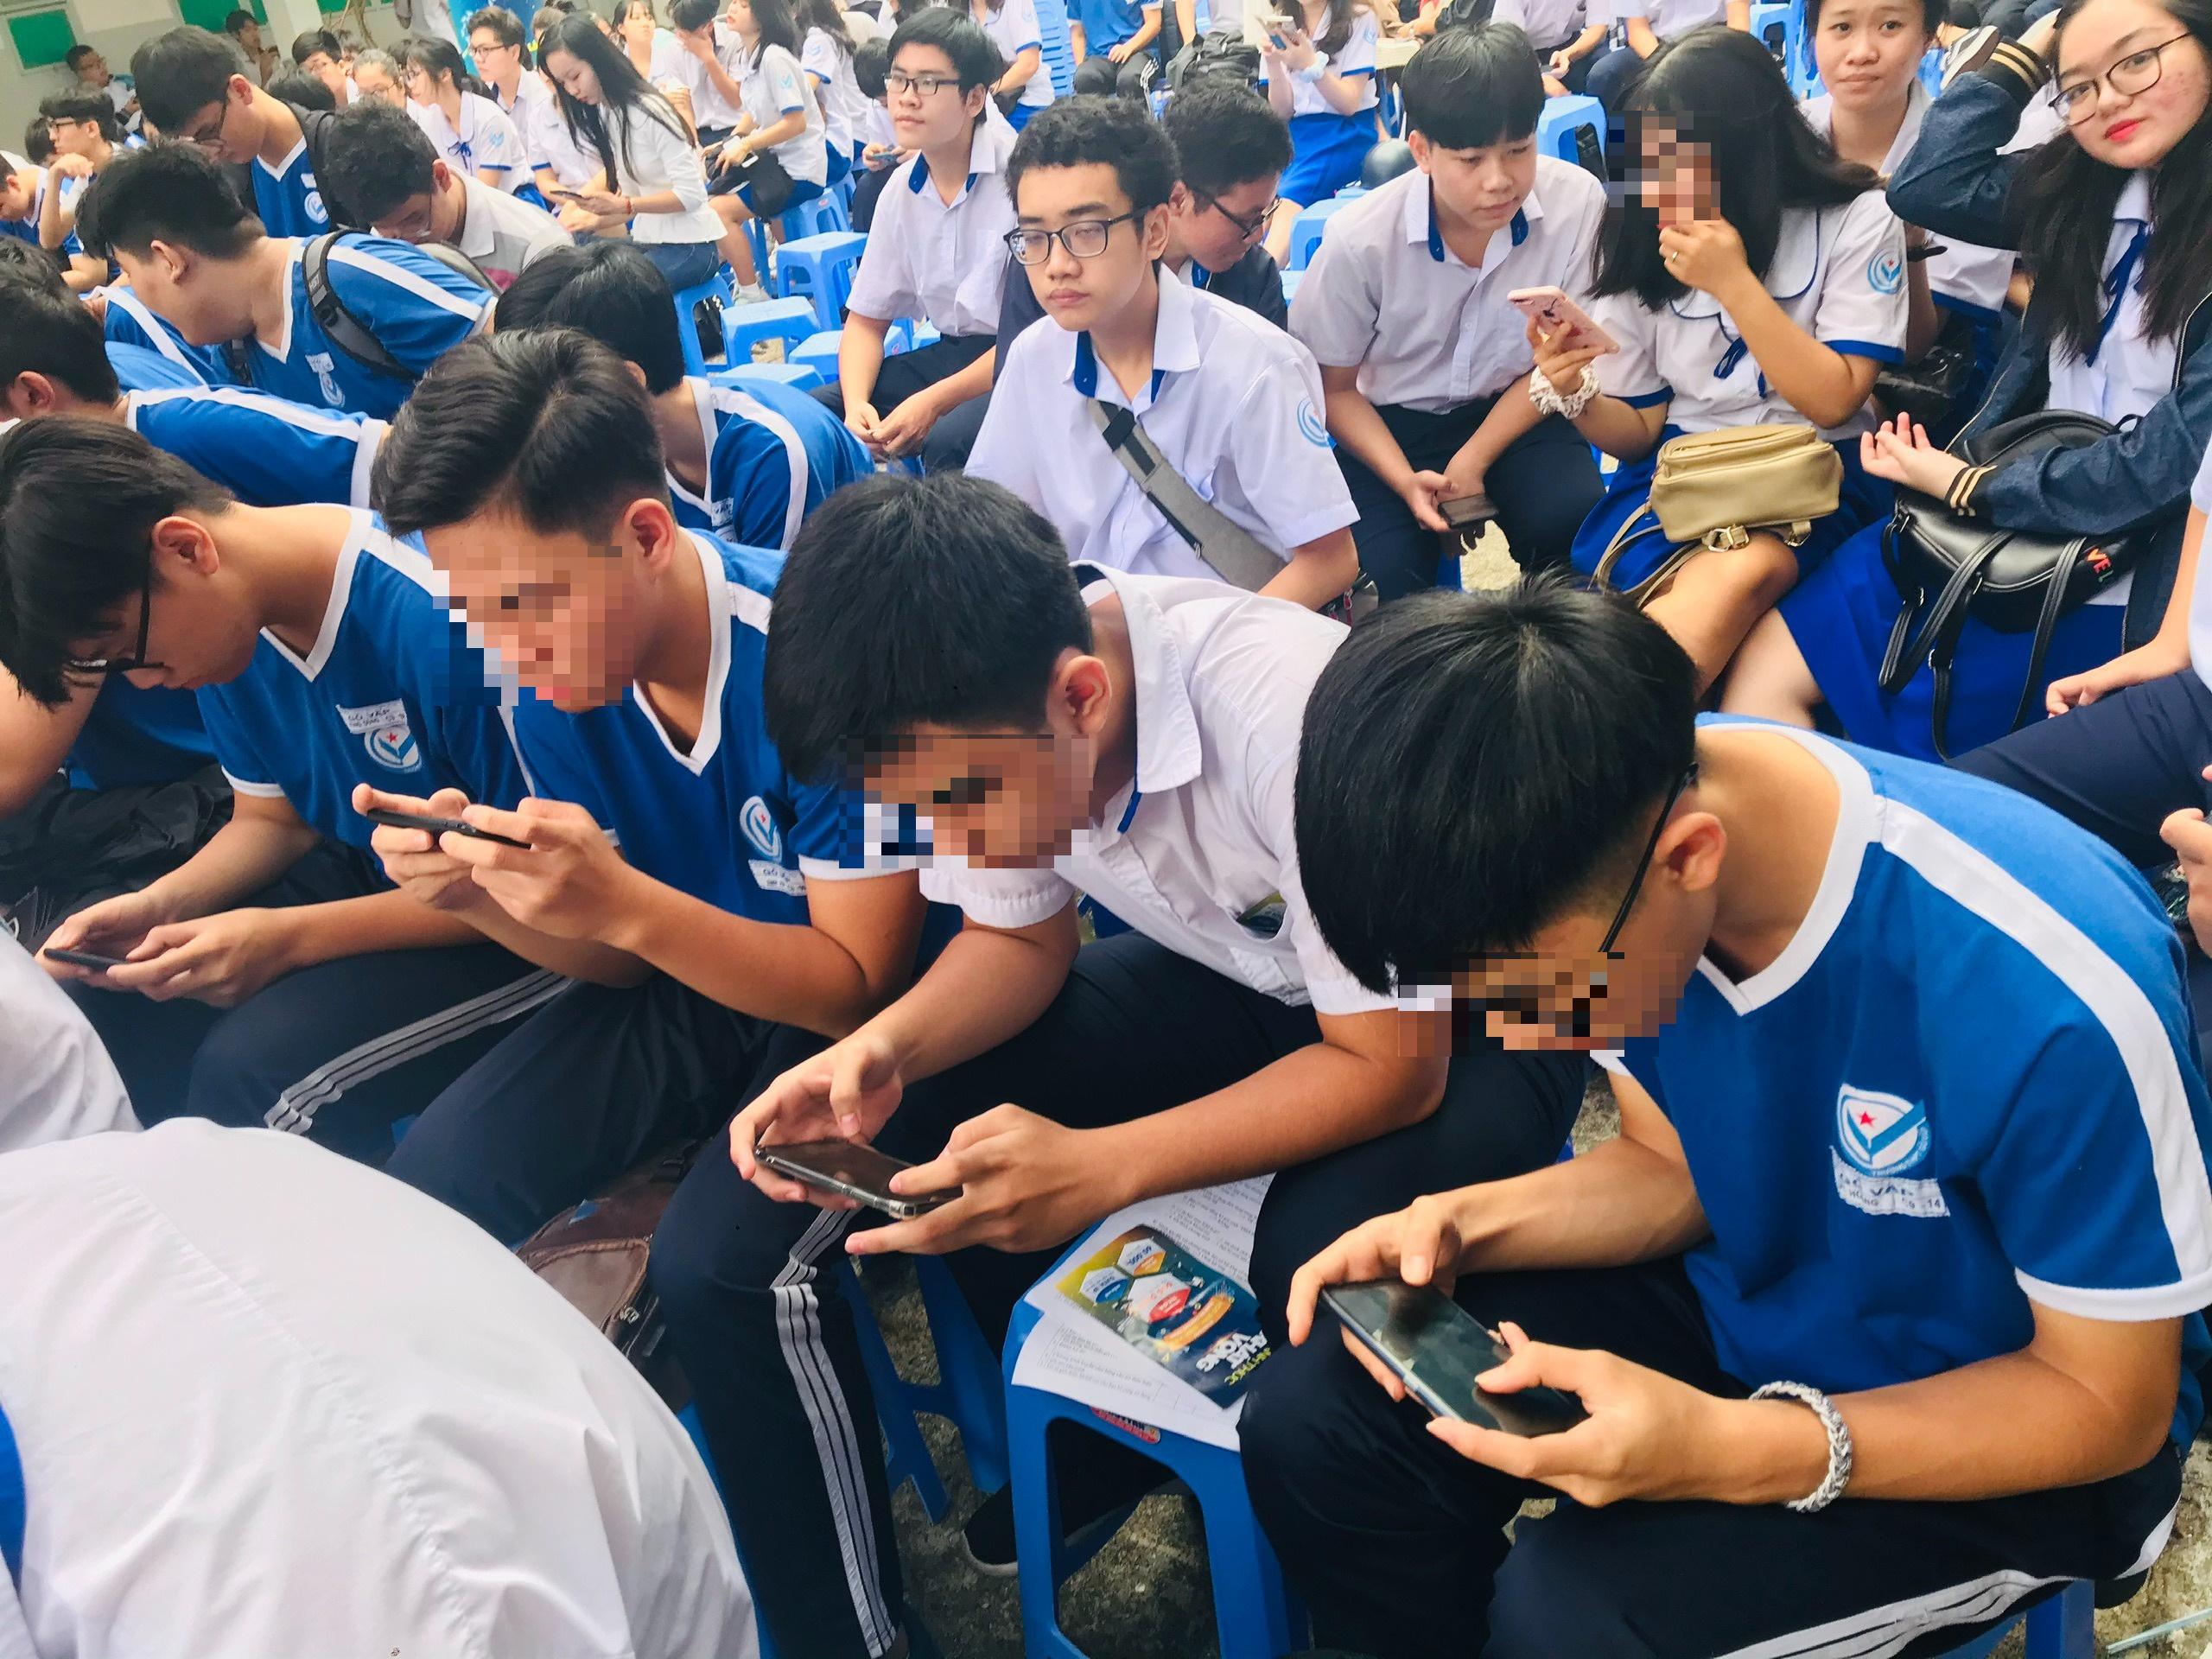 Smartphone làm tê liệt học trò - 1